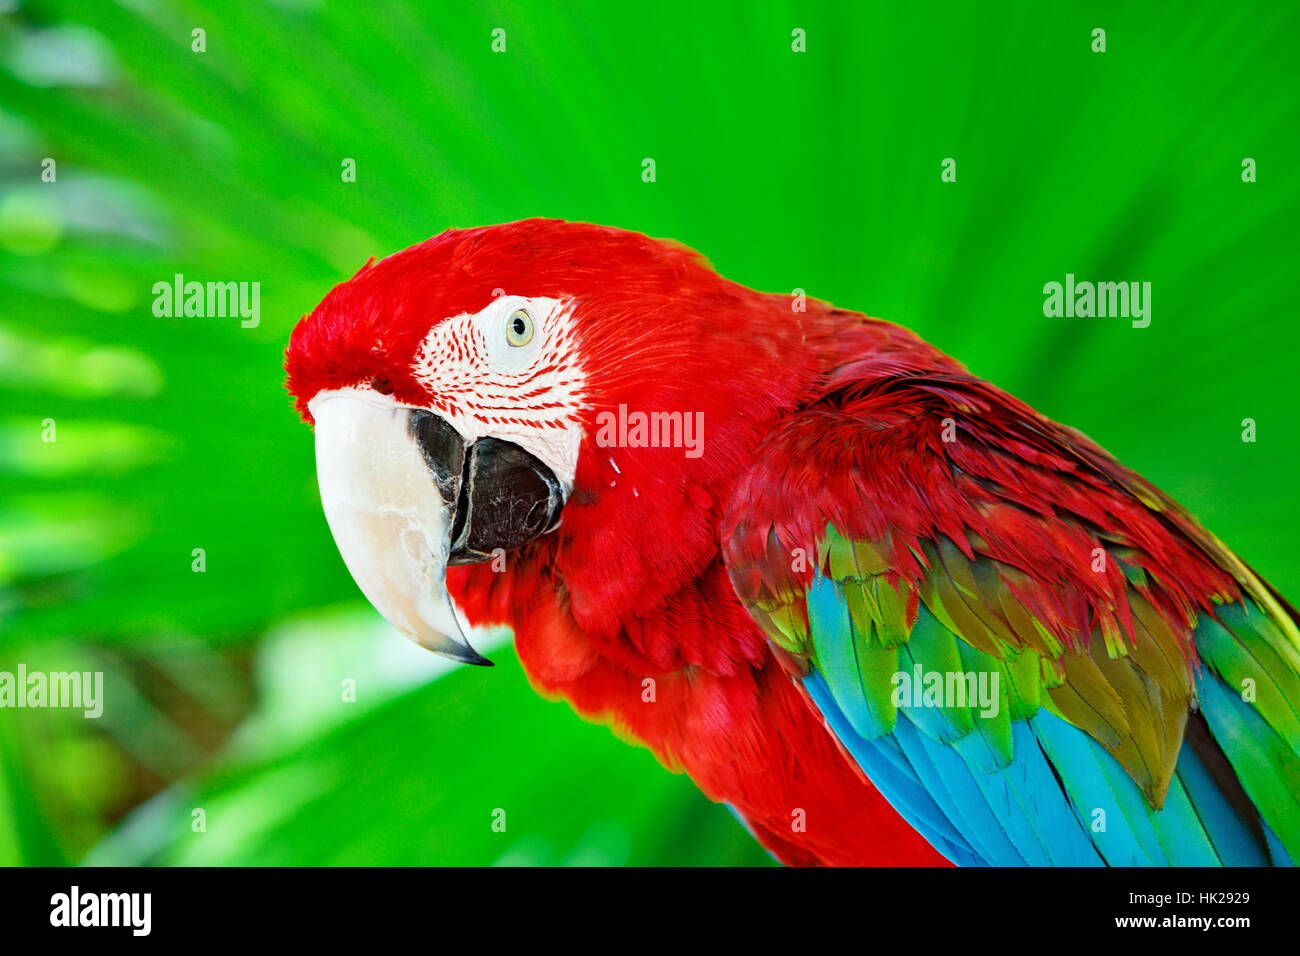 Ritratto di red macaw pappagallo contro la giungla. Testa di pappagallo su sfondo verde. La natura, la fauna selvatica Immagini Stock